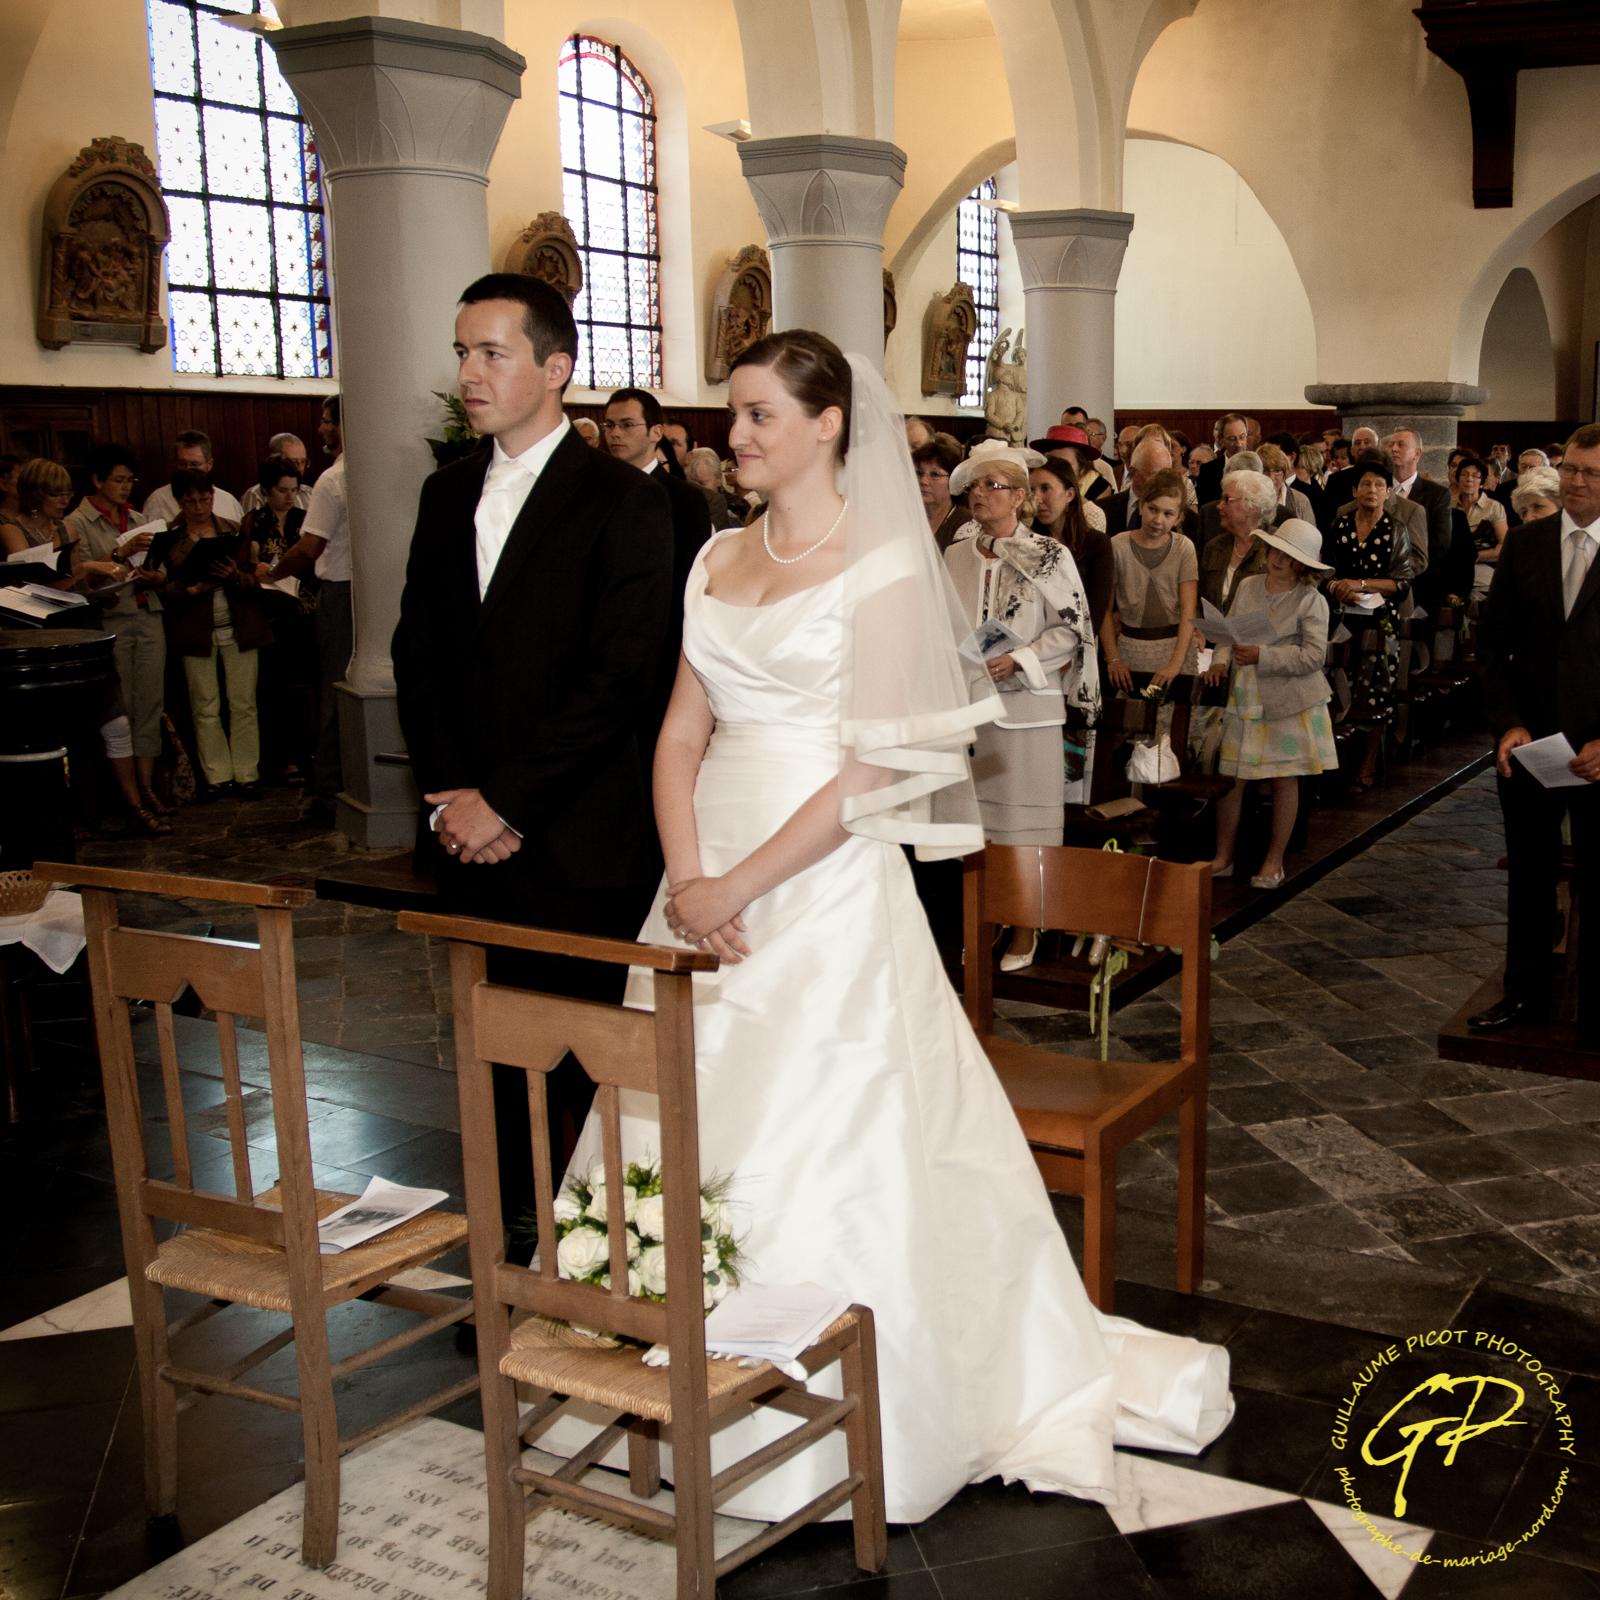 mariage ferme du reposoir kain-2-13